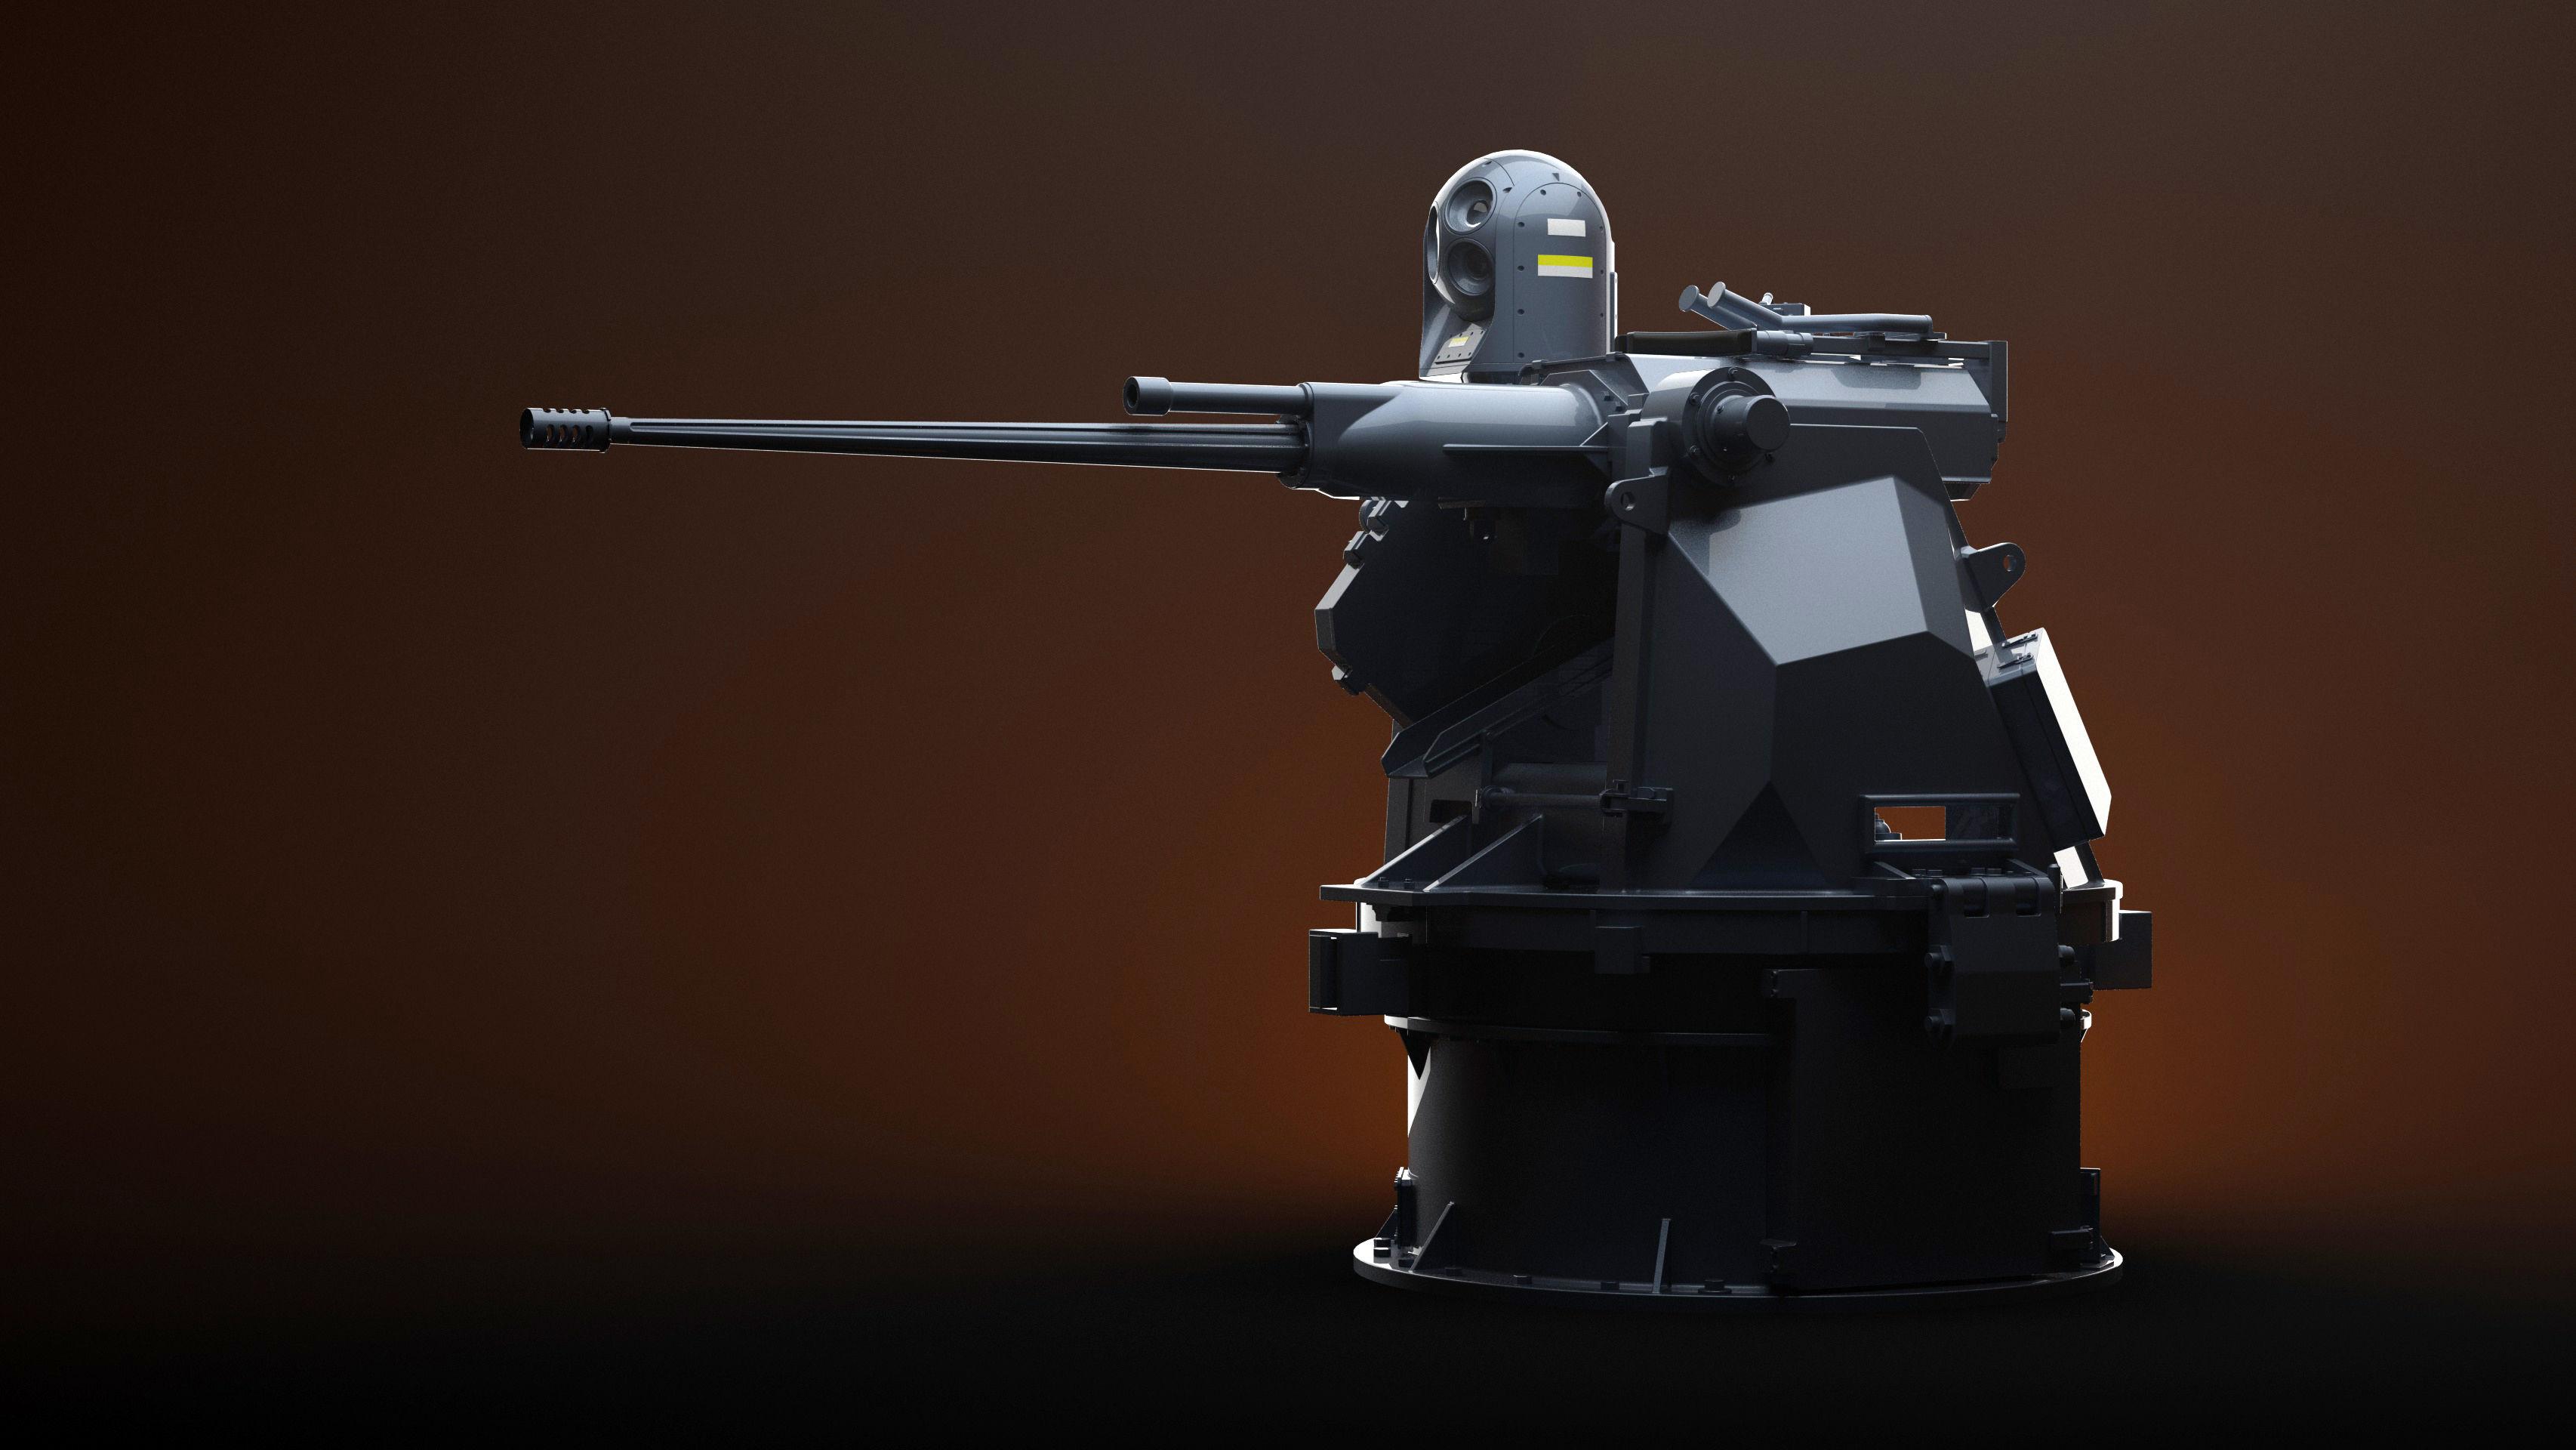 Bushmaster-05-3500-3500